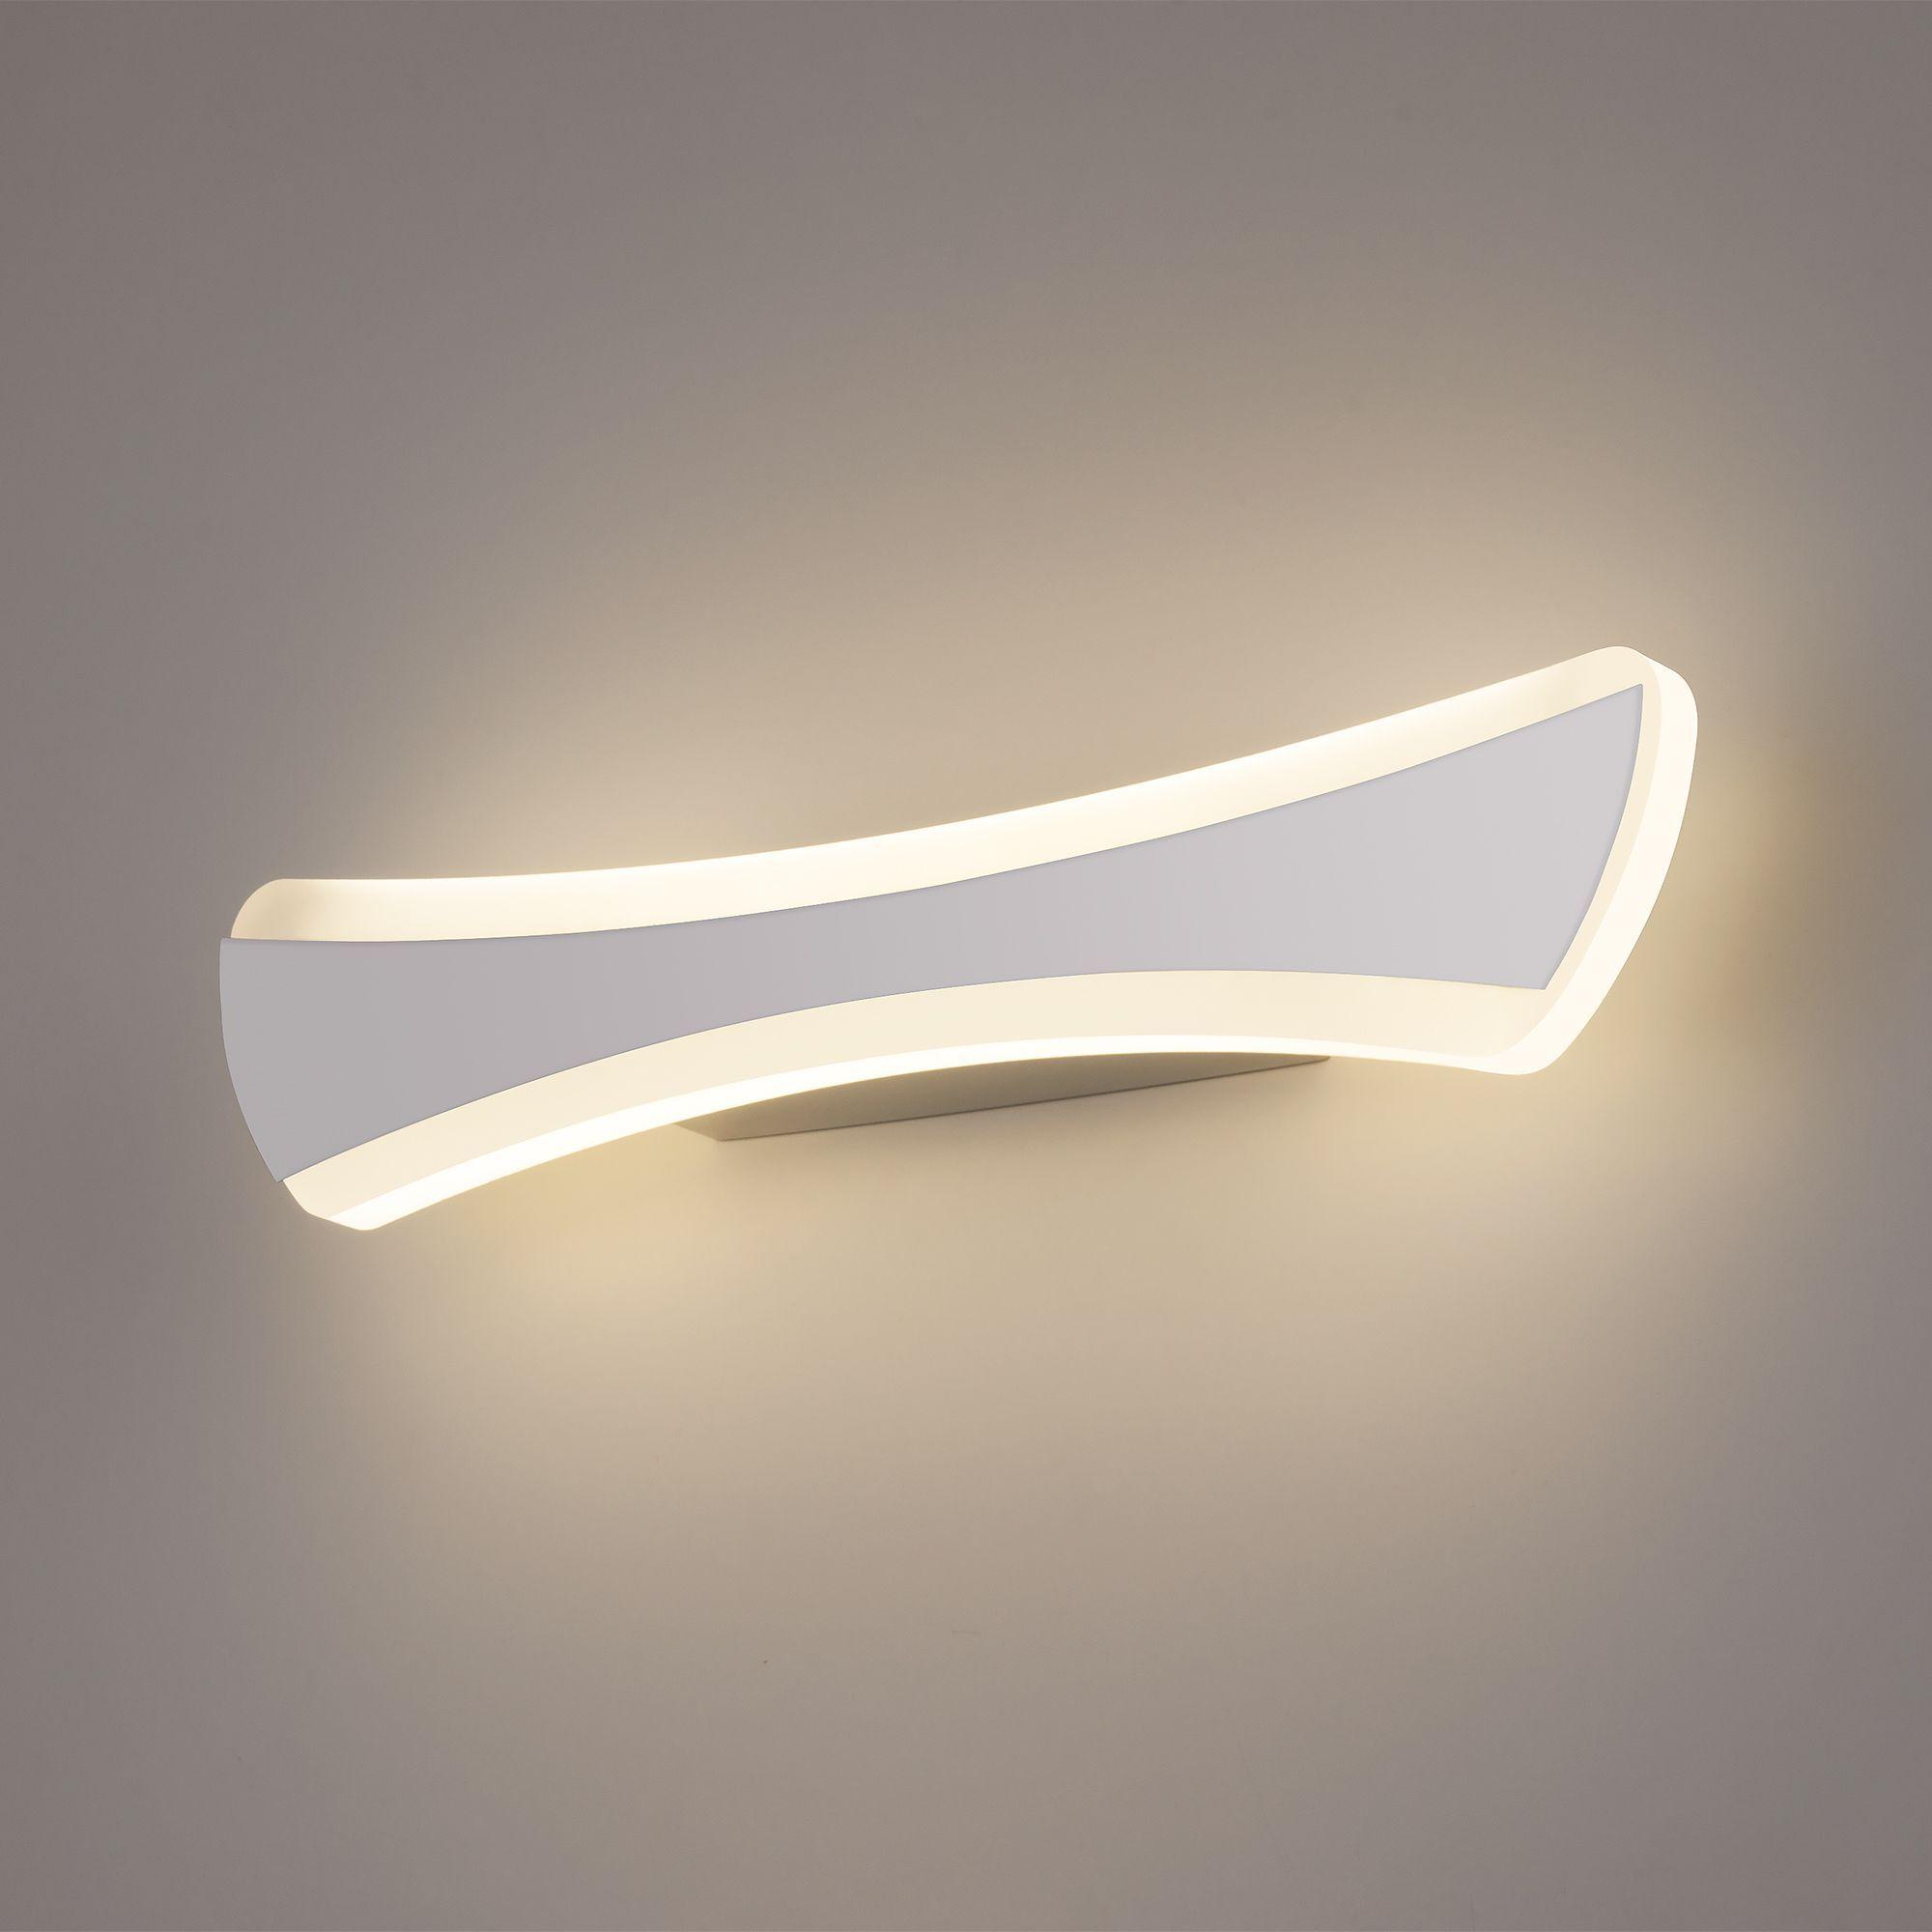 Настенный светодиодный светильник Wave LED MRL LED 1090